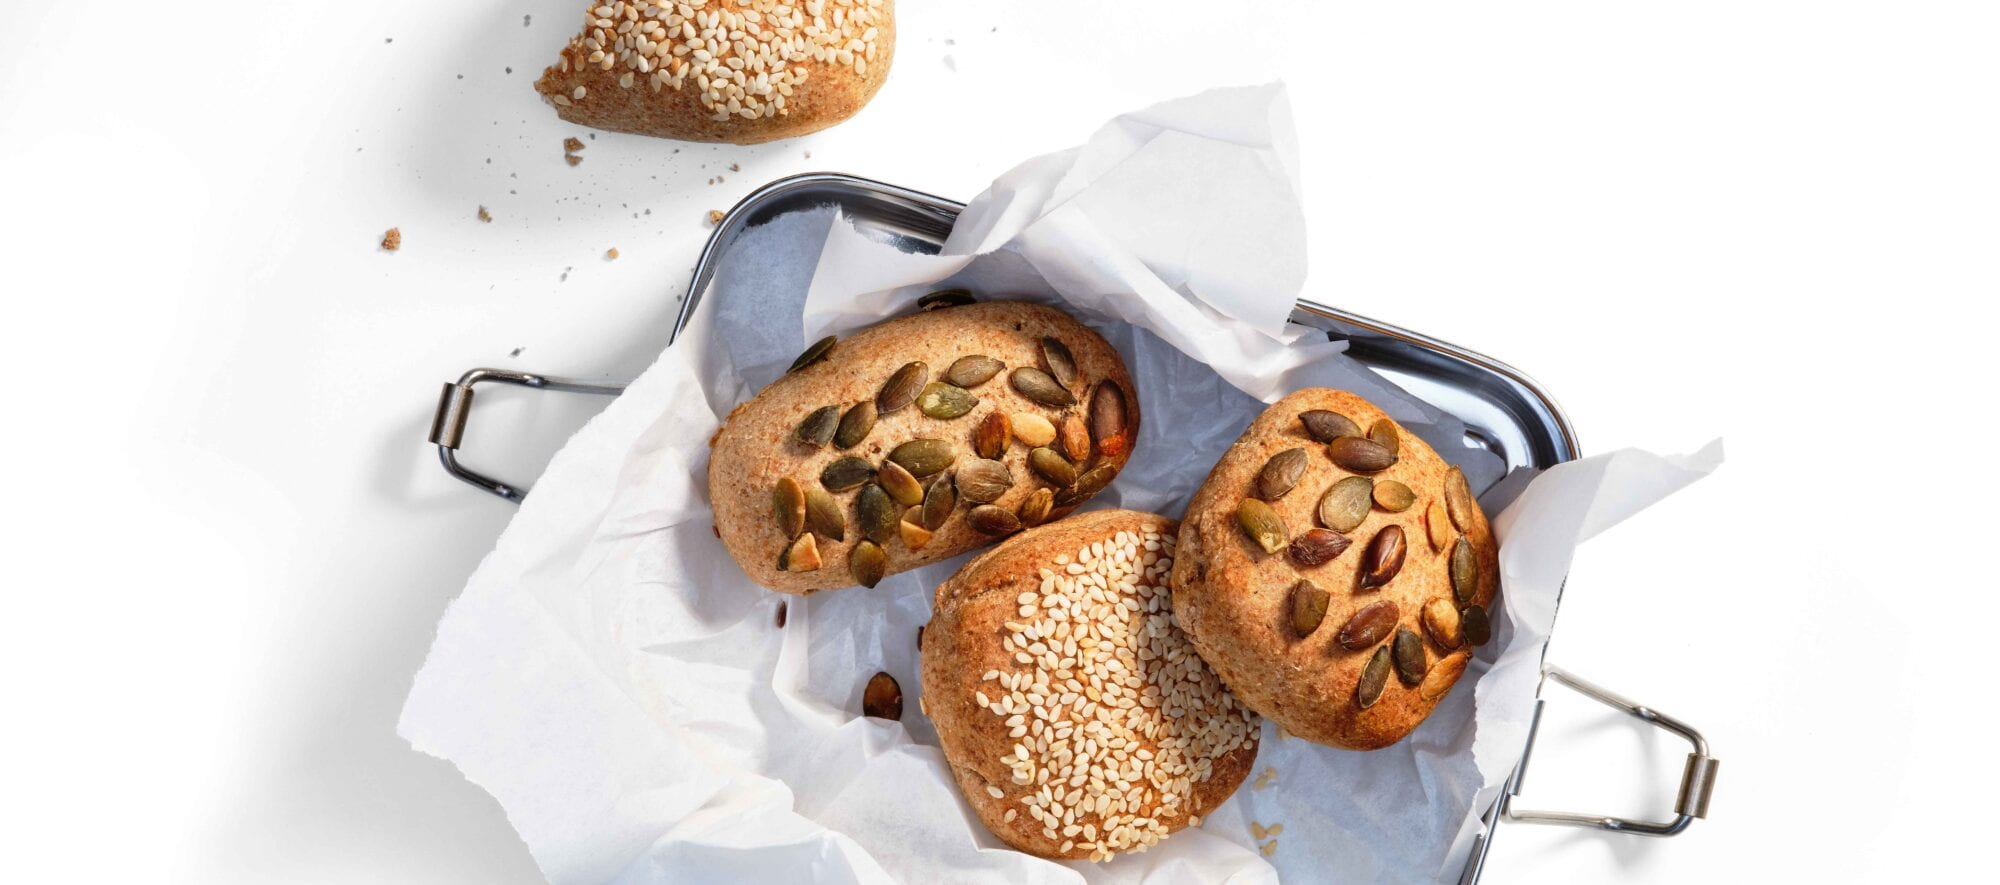 Minirugbrød til madpakken